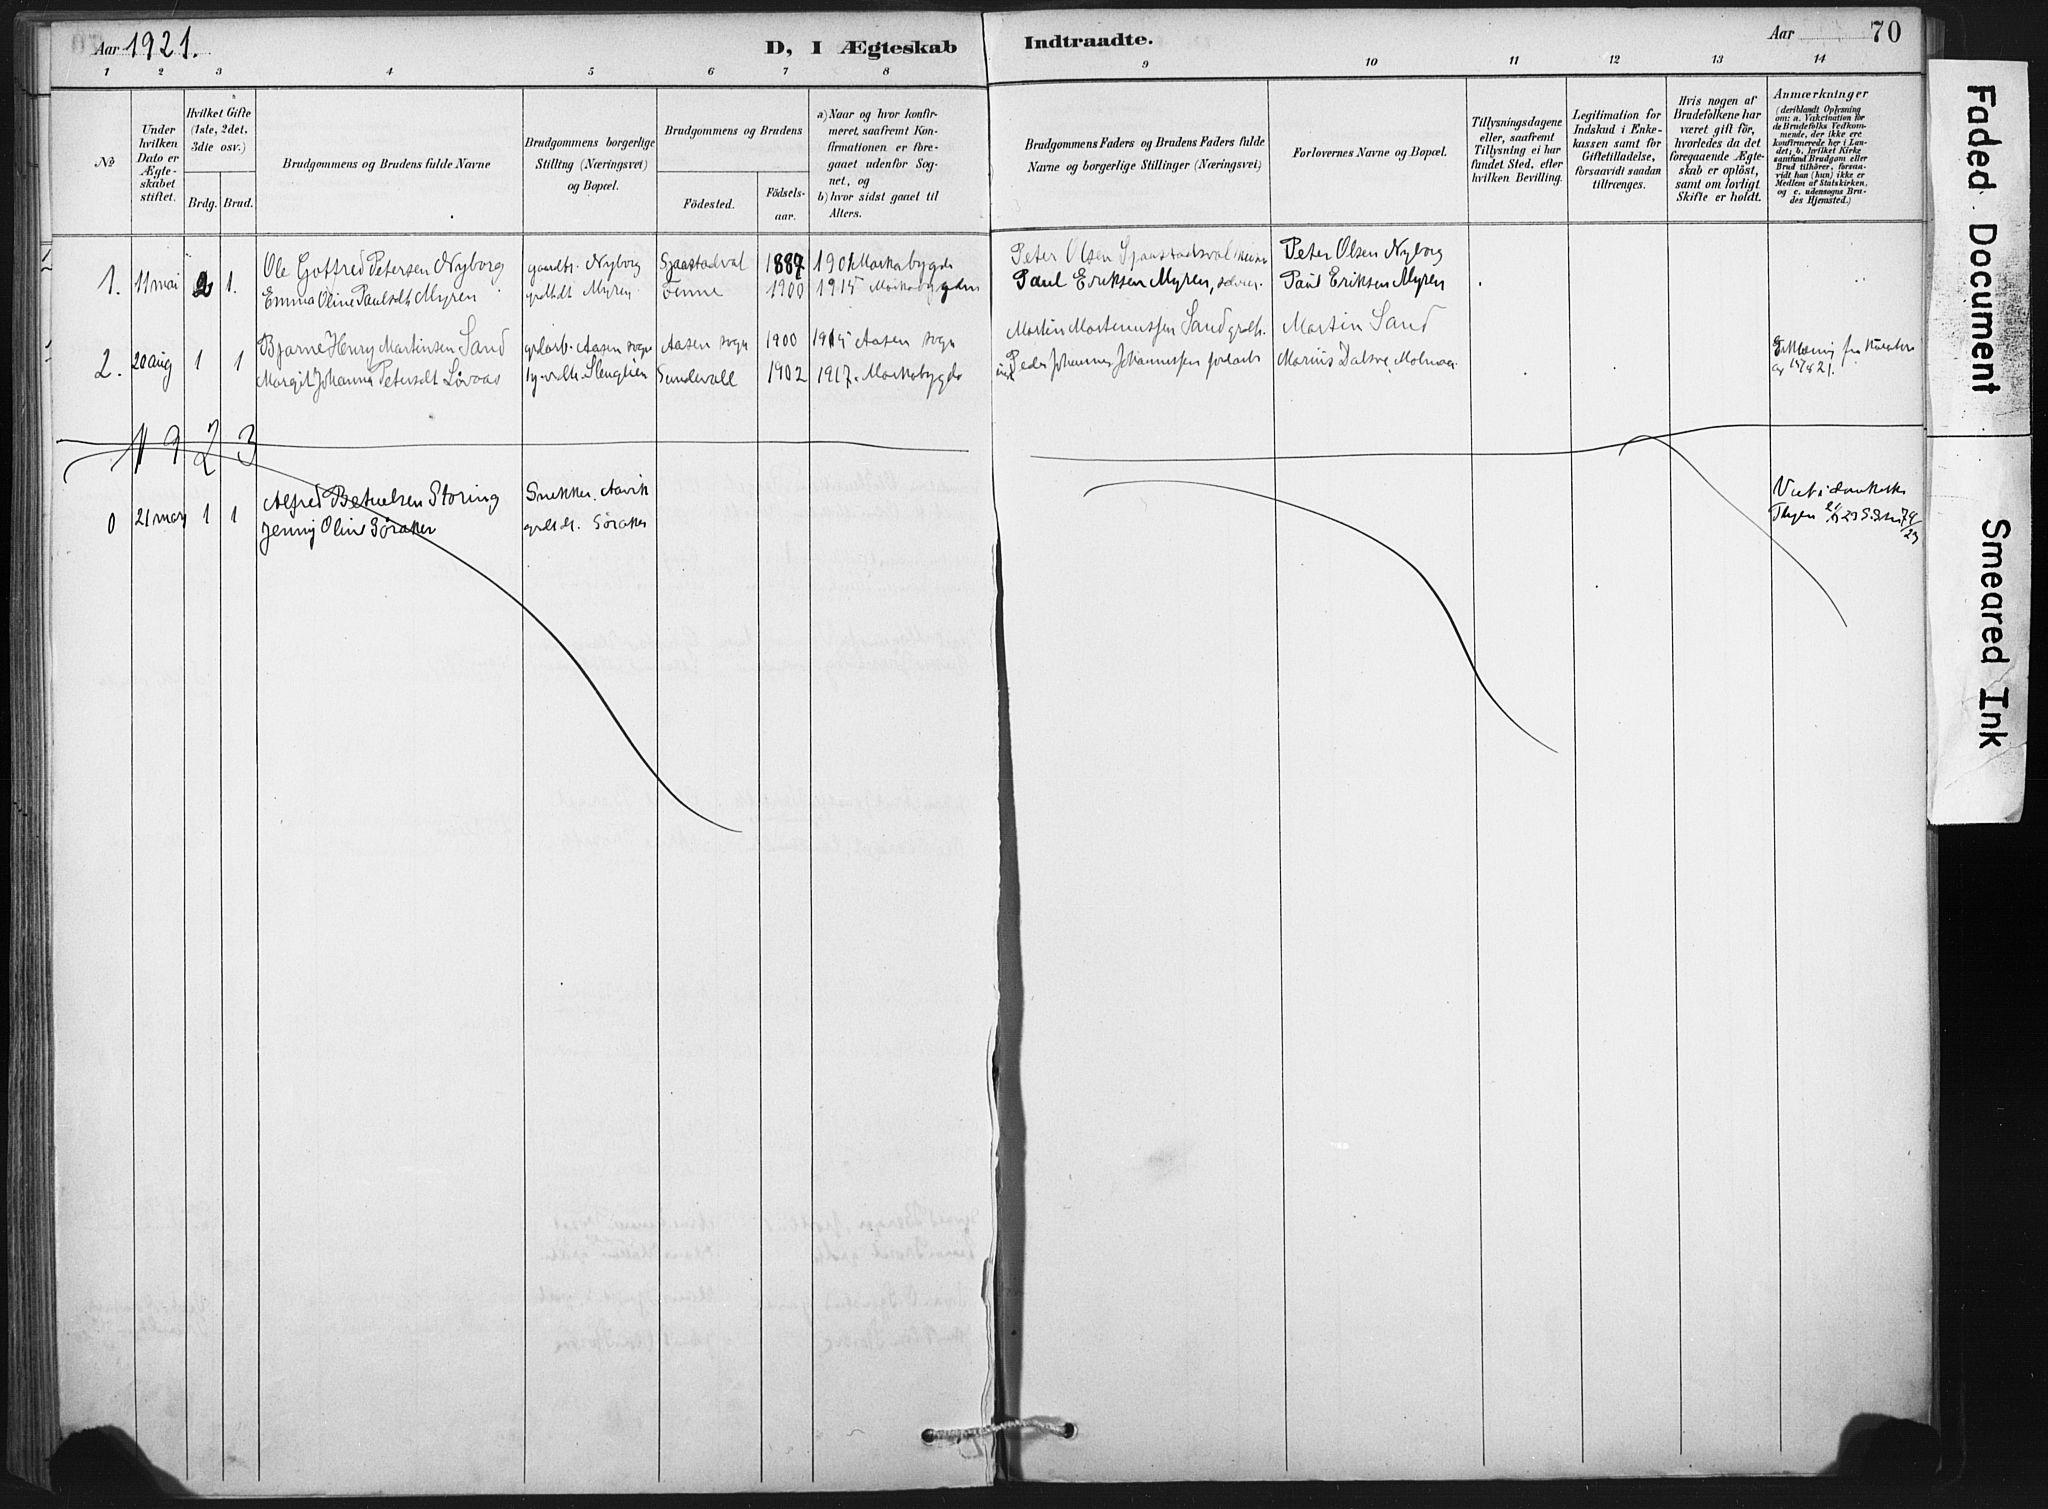 SAT, Ministerialprotokoller, klokkerbøker og fødselsregistre - Nord-Trøndelag, 718/L0175: Ministerialbok nr. 718A01, 1890-1923, s. 70